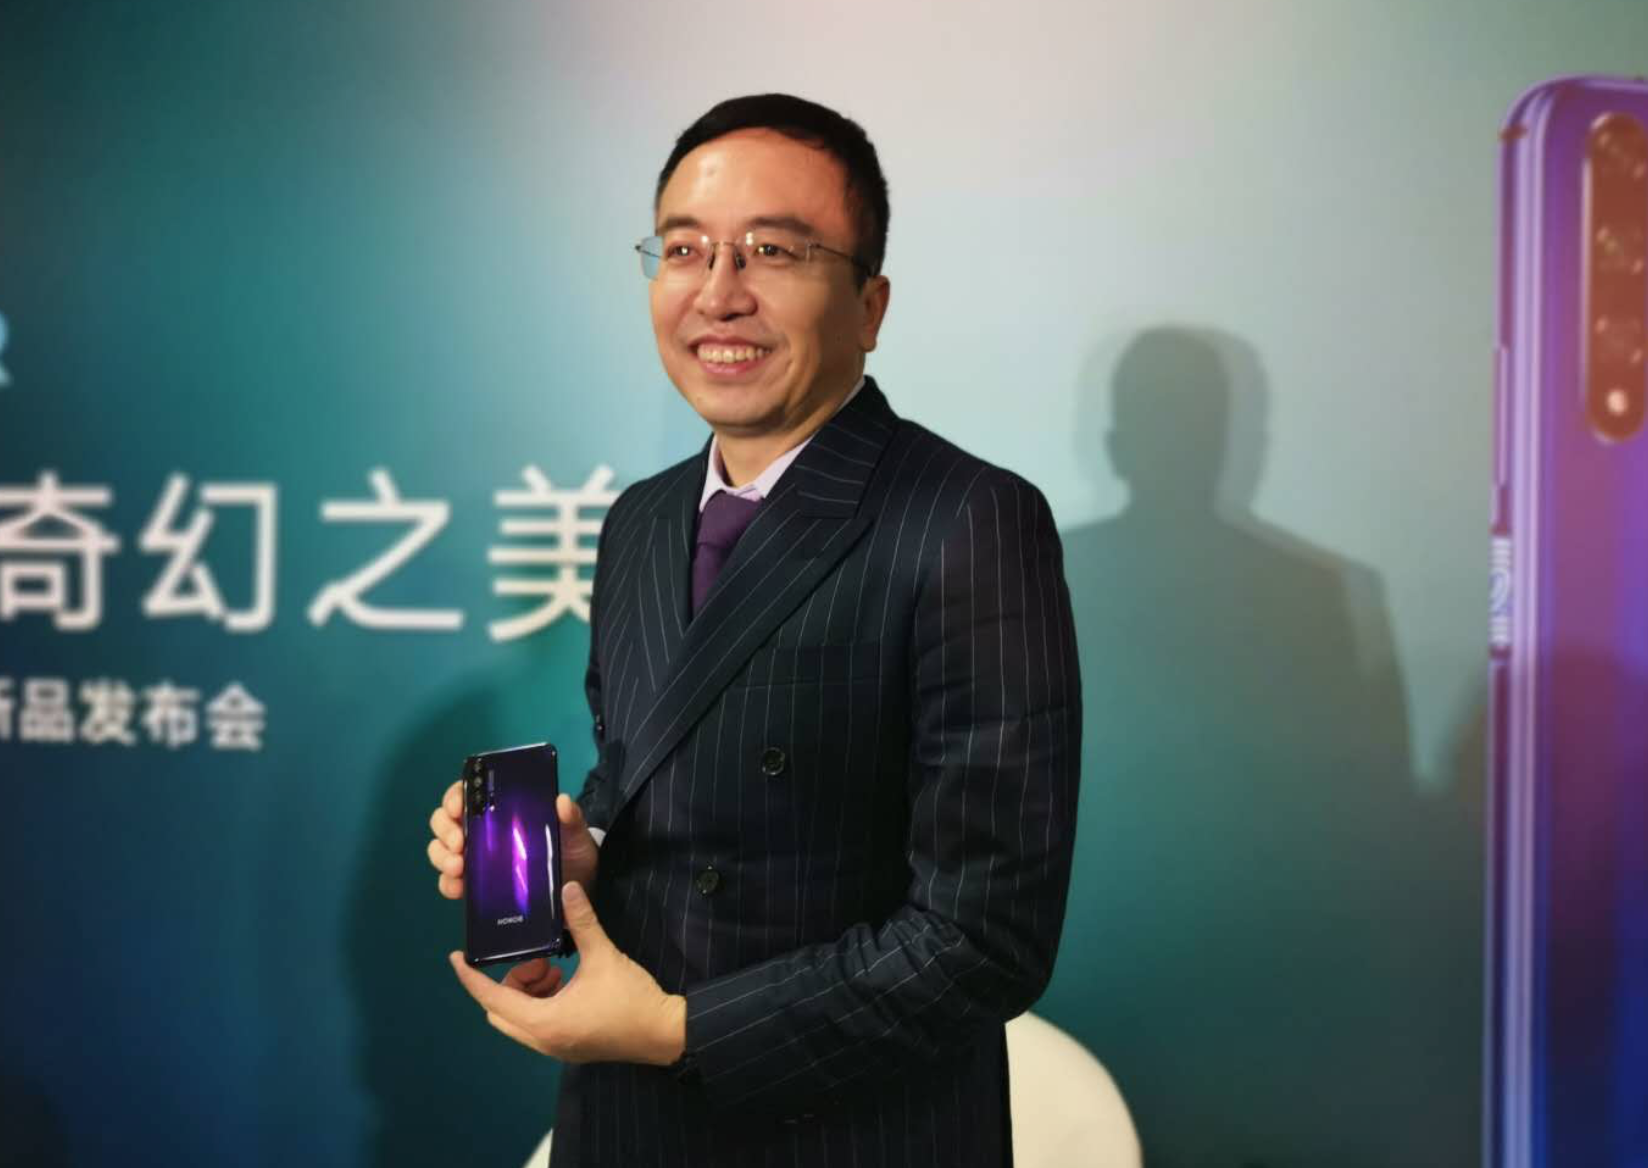 对话荣耀总裁赵明:第四季度推5G手机,无惧外界挑战